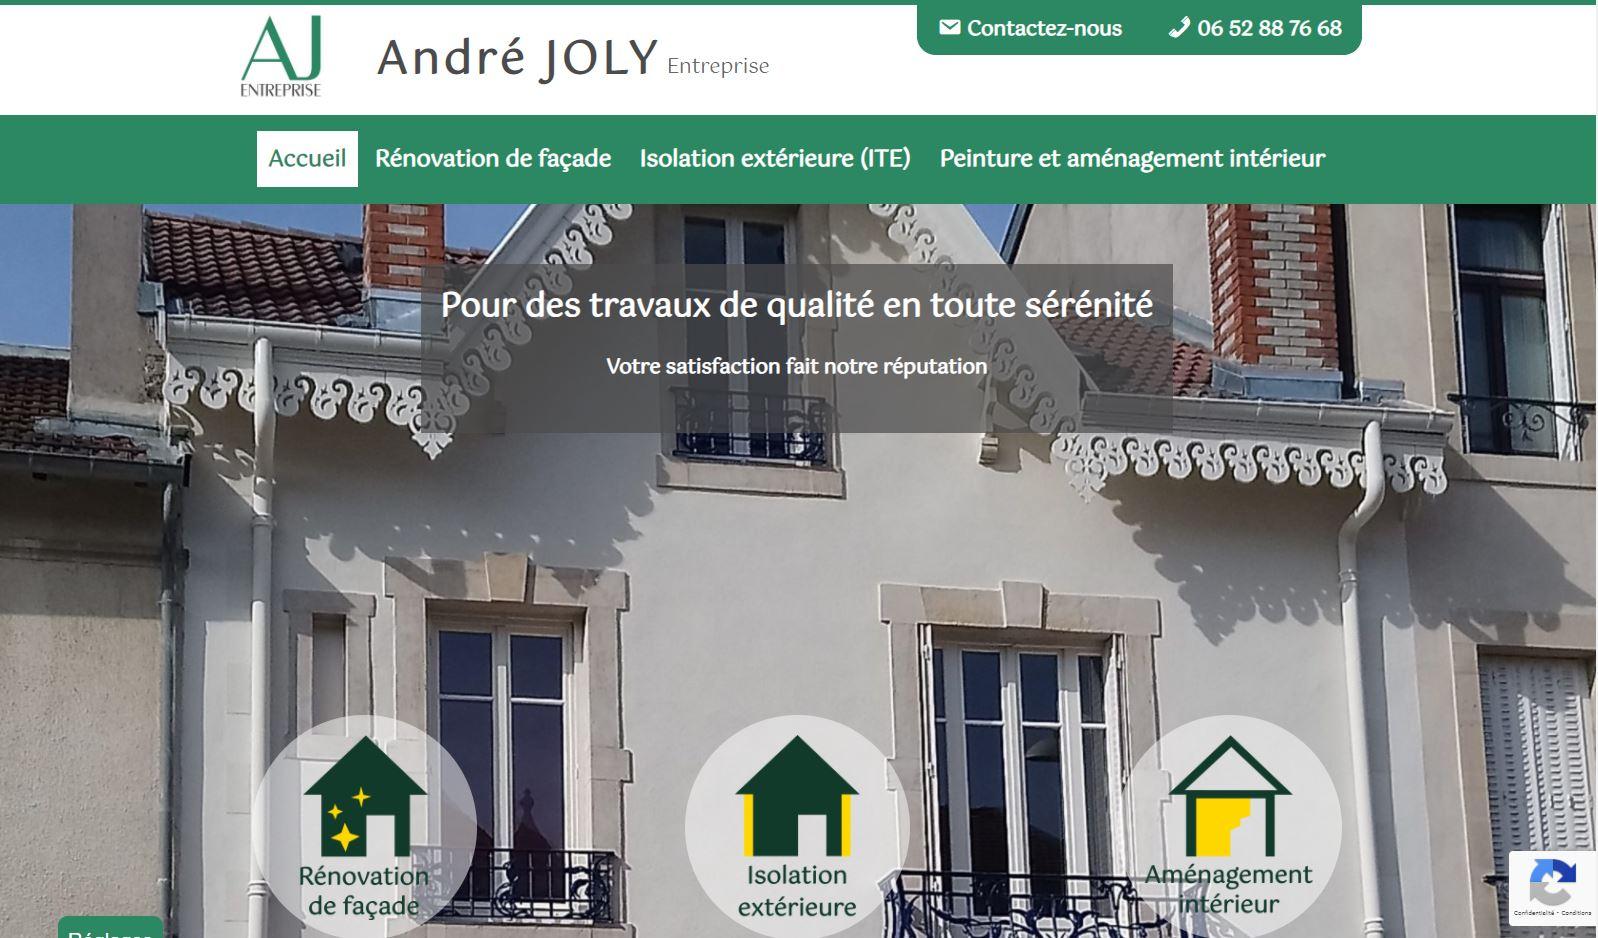 Site de l'entreprise Andre Joly à Nancy : des réalisations à l'honneur